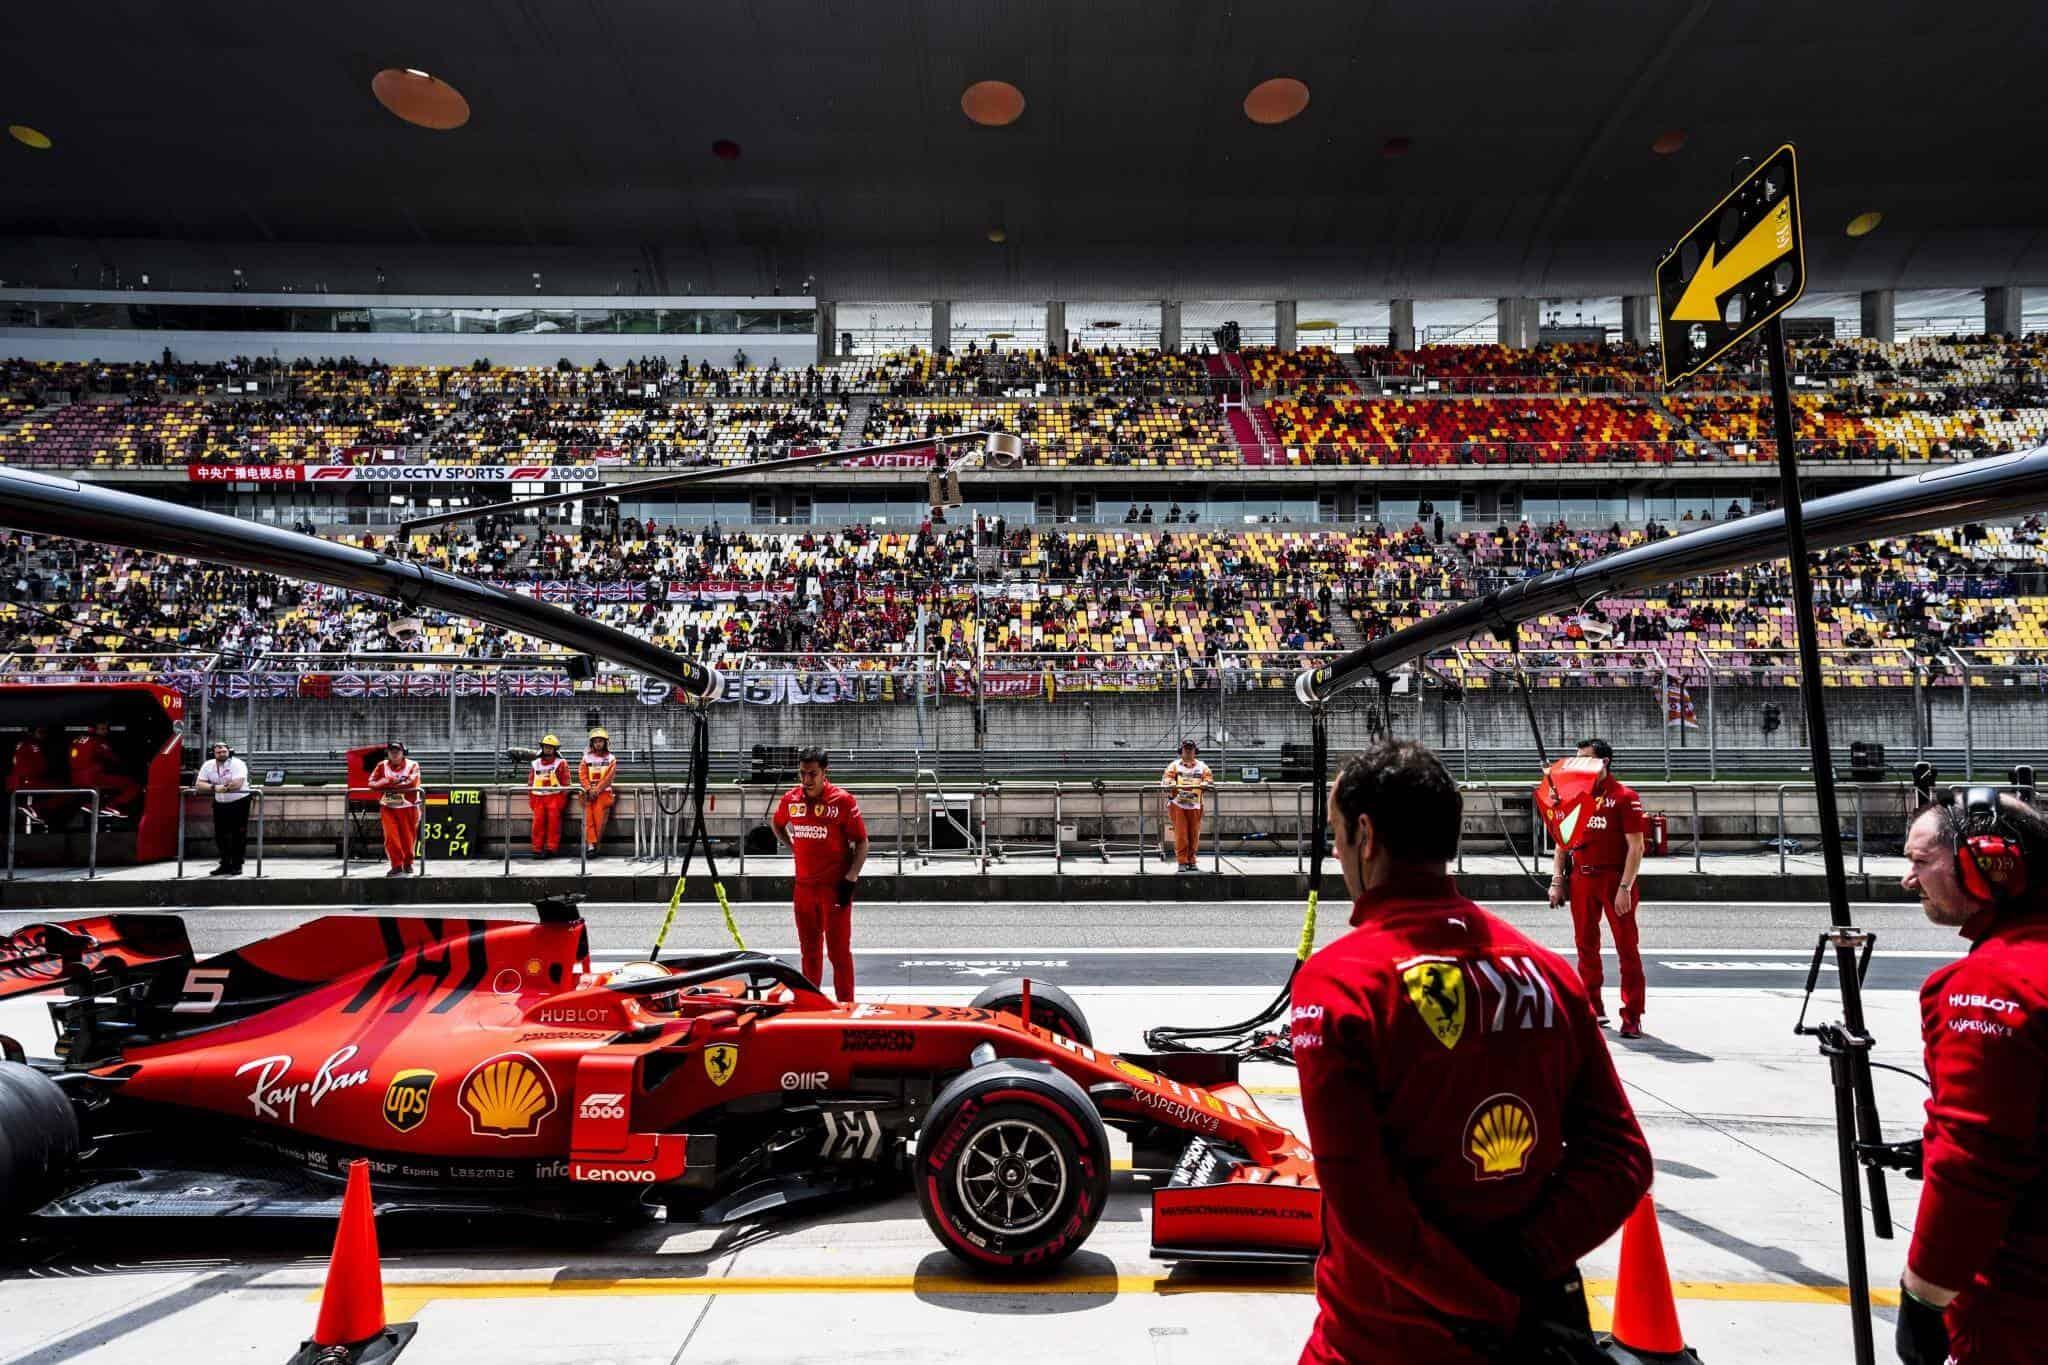 Hublot verbindet eine langjährige Partnerschaft mit der Scuderia Ferrari